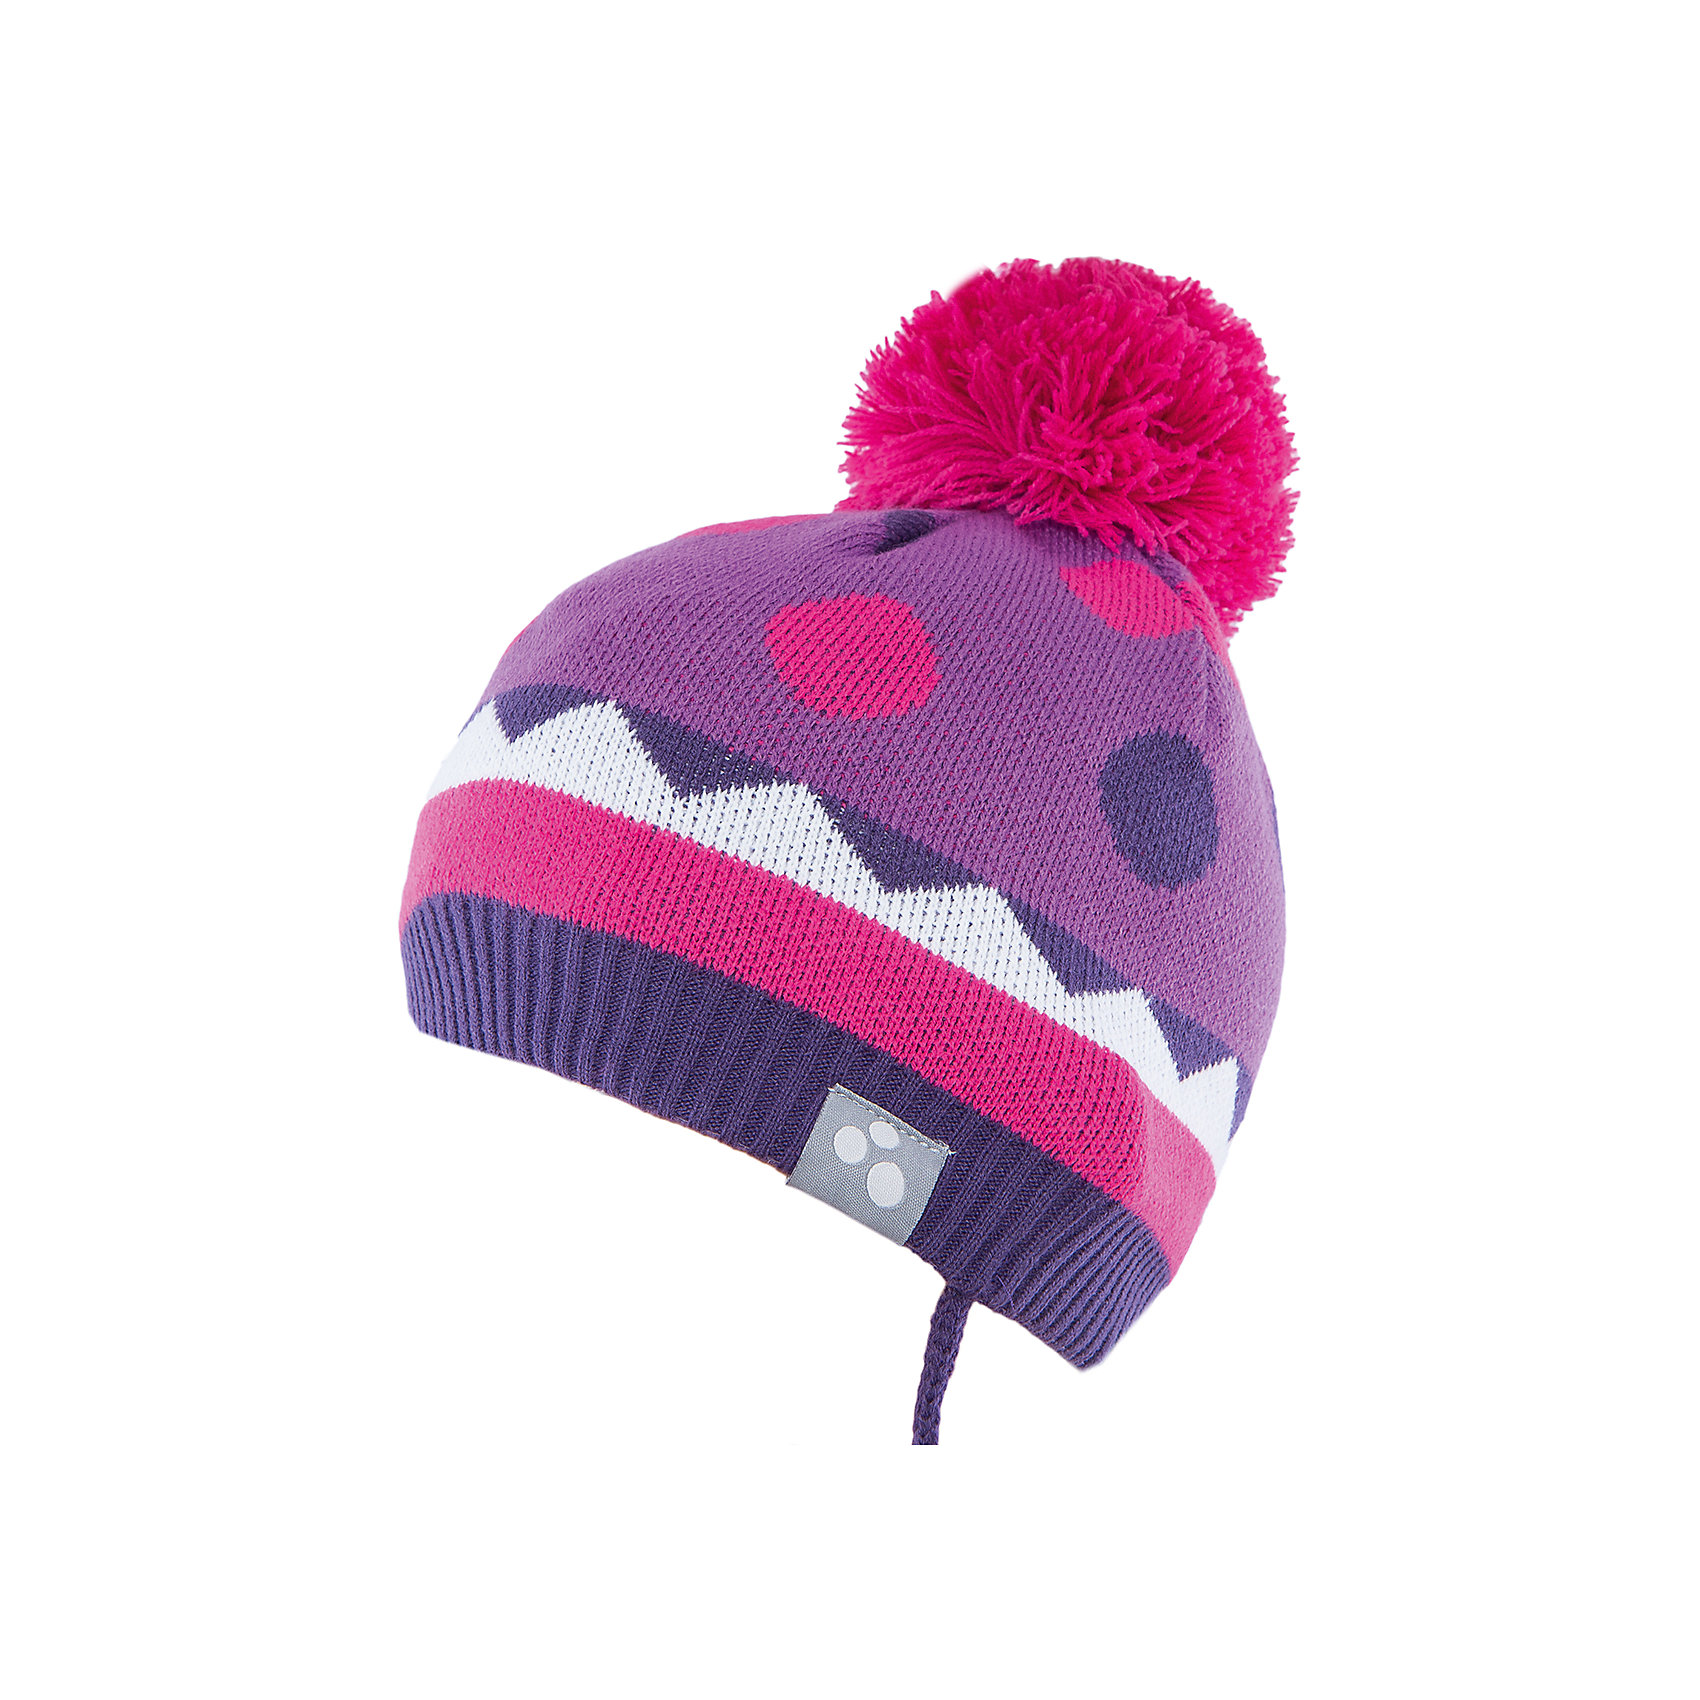 Шапка  HuppaВязаная шапка PEETA Huppa(Хуппа) плотно прилегает к голове и хорошо защищает от морозов и ветра. Подкладка из хлопка не вызовет раздражения на коже. Шапочка украшена помпоном и геометрическим орнаментом. Есть светоотражающие элементы. В такой шапке гулять будет тепло и комфортно!<br><br>Дополнительная информация:<br>Материал: 100% акрил<br>Подкладка: 100% хлопок<br>Цвет: лиловый/фуксия<br><br>Вы можете приобрести шапку PEETA Huppa(Хуппа) в нашем интернет-магазине.<br><br>Ширина мм: 89<br>Глубина мм: 117<br>Высота мм: 44<br>Вес г: 155<br>Цвет: фиолетовый<br>Возраст от месяцев: 9<br>Возраст до месяцев: 12<br>Пол: Женский<br>Возраст: Детский<br>Размер: 43-45,51-53,47-49<br>SKU: 4928934